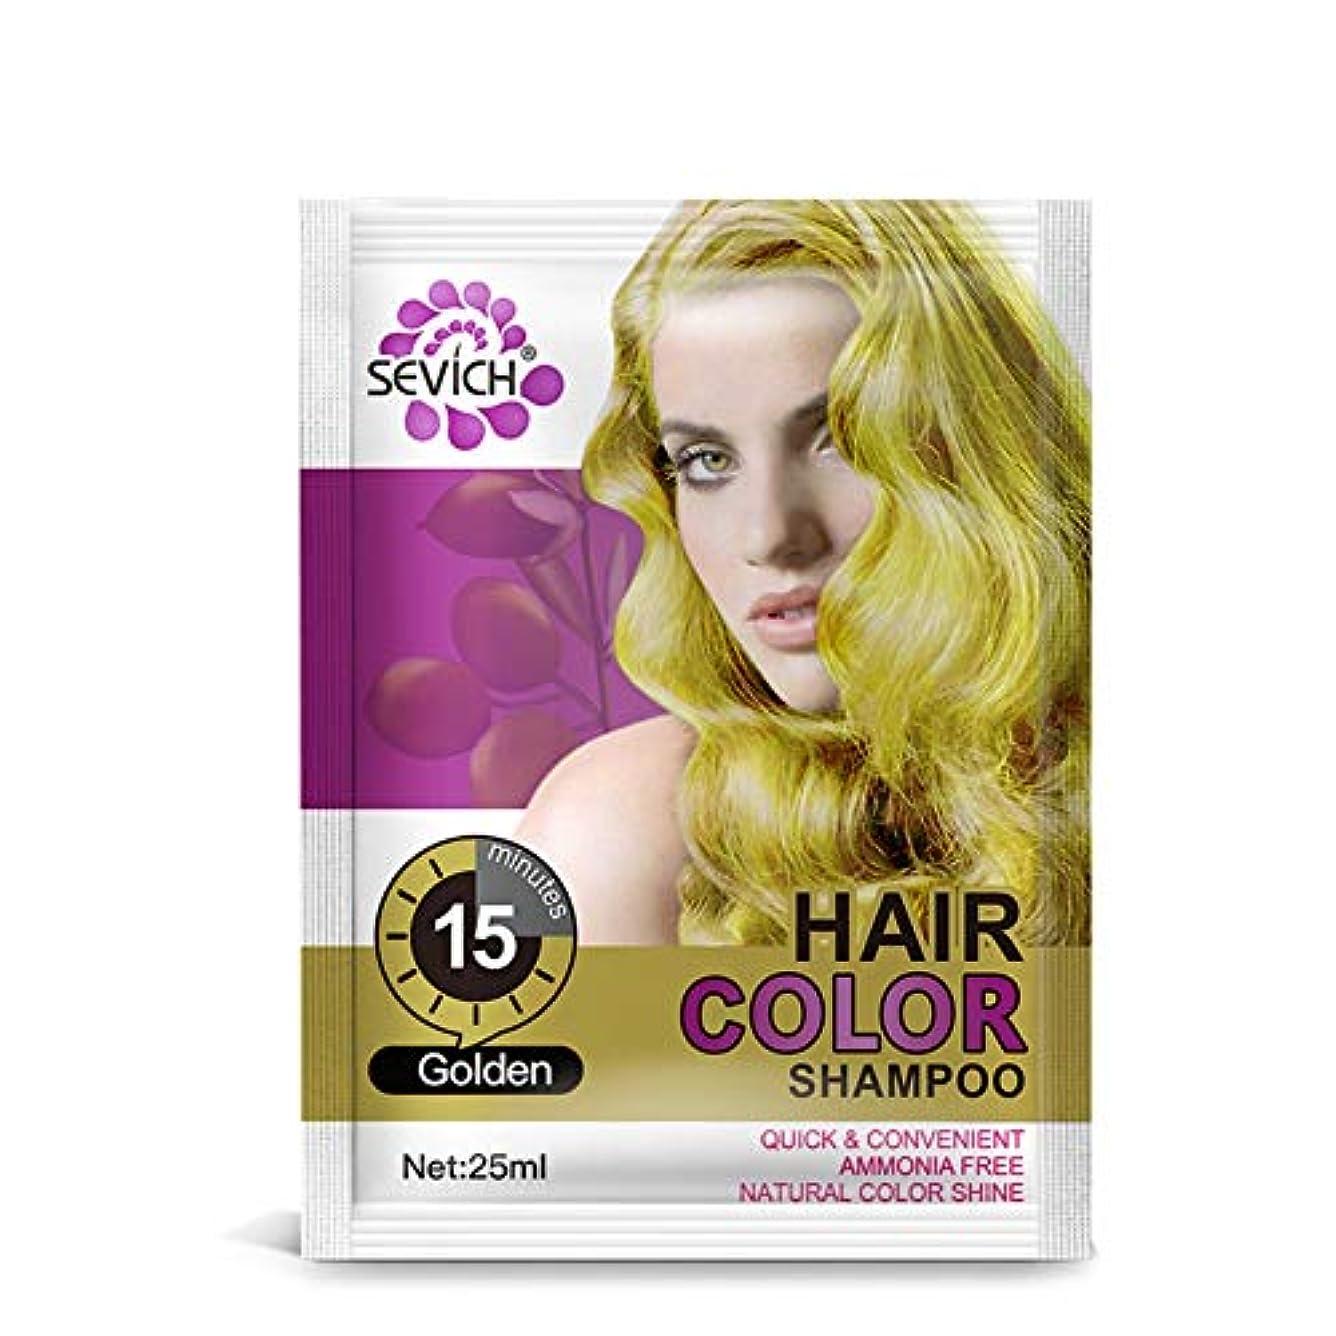 目の前の仲間必要条件ヘアカラー ヘア染め ヘアカラースタイリング 髪の色のシャンプ スタイリングカラーヘアシャンプー 純粋な植物 自然 刺激ない ヘアケア Cutelove